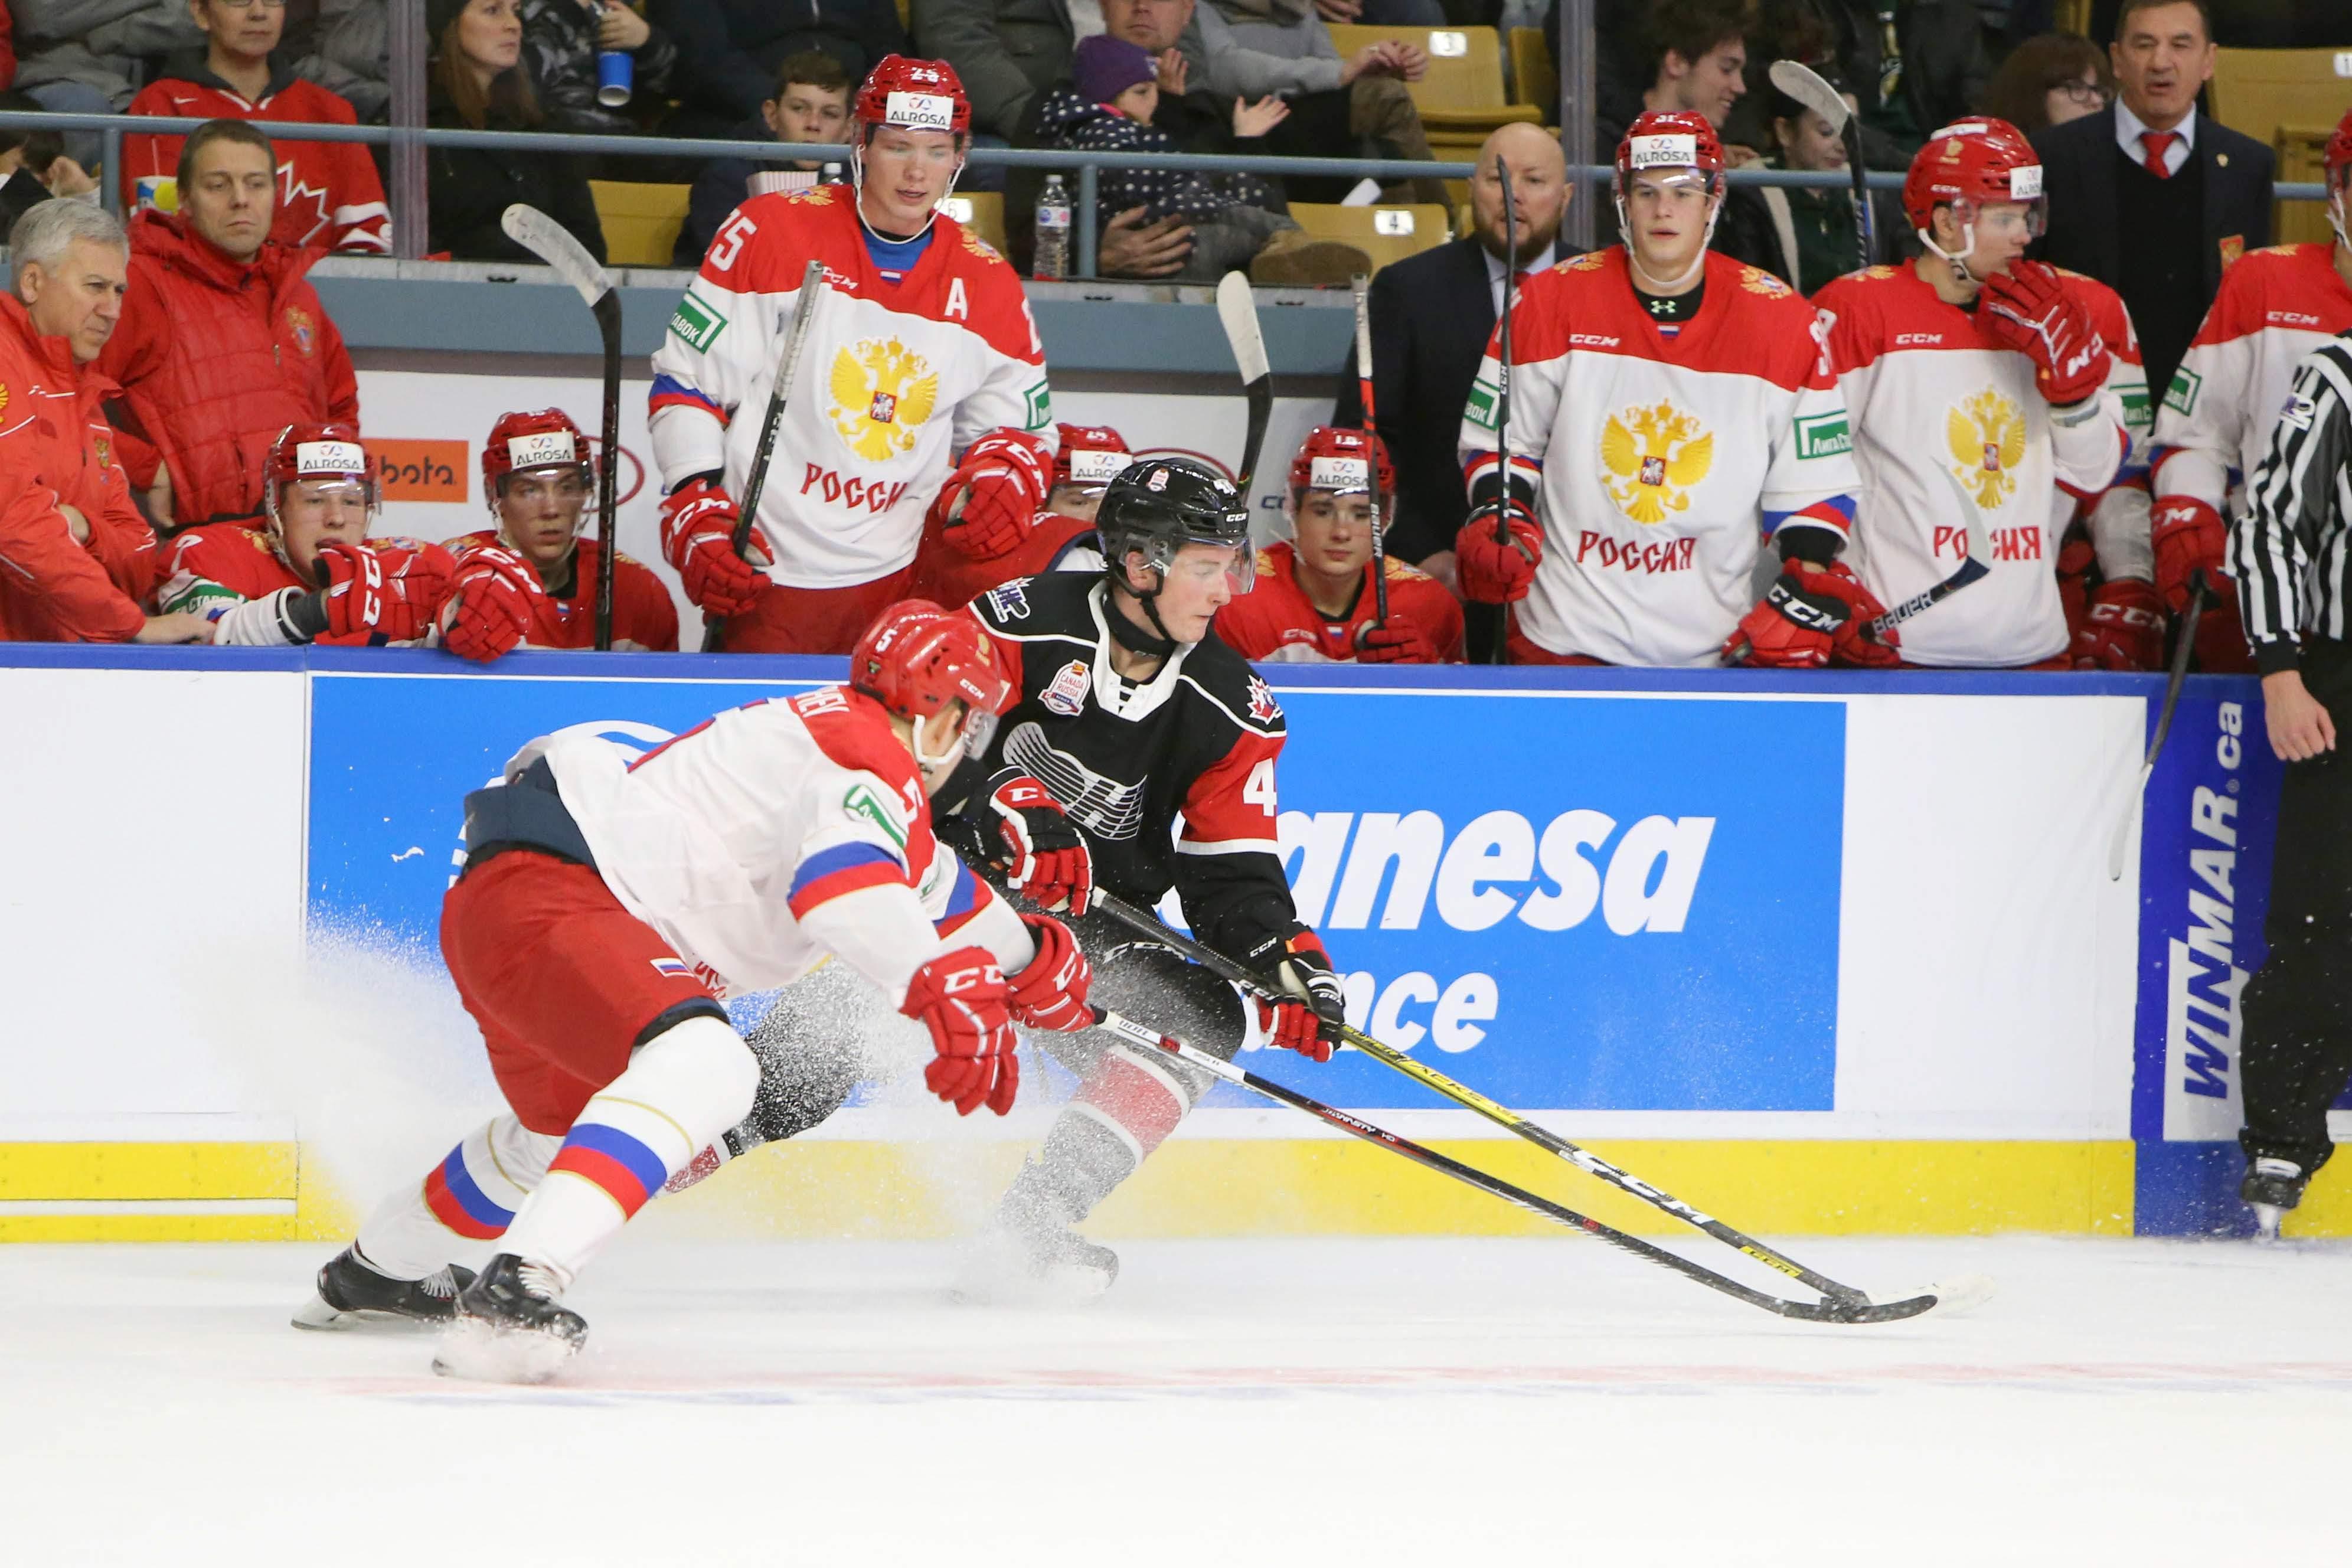 палитра способствует омская молодежная сборная по хоккею фото цель